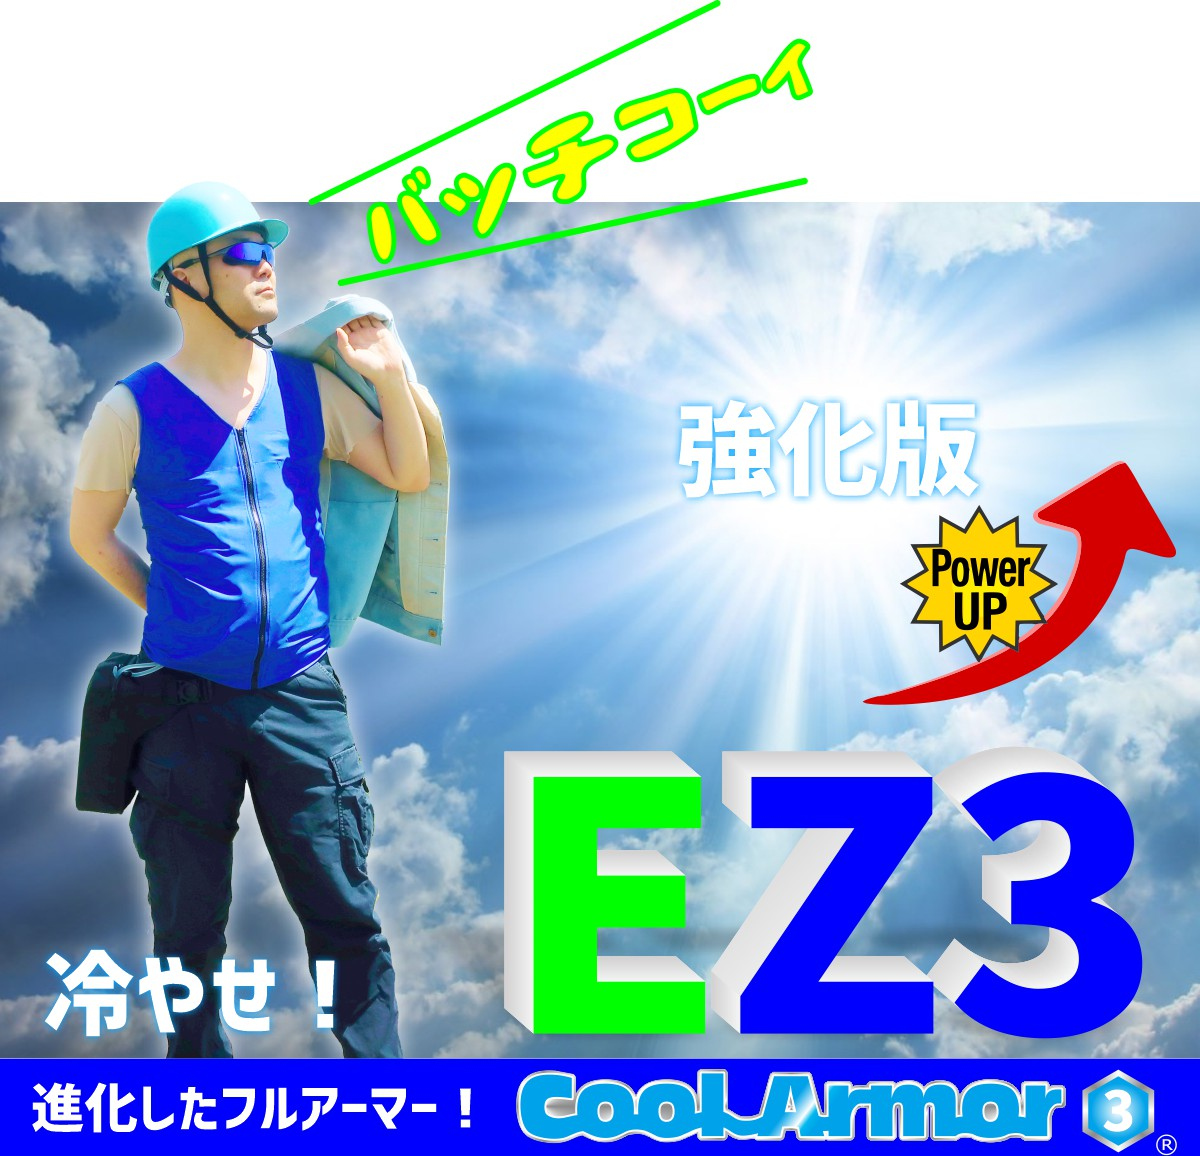 EZ3 人間エアコン 熱中症対策